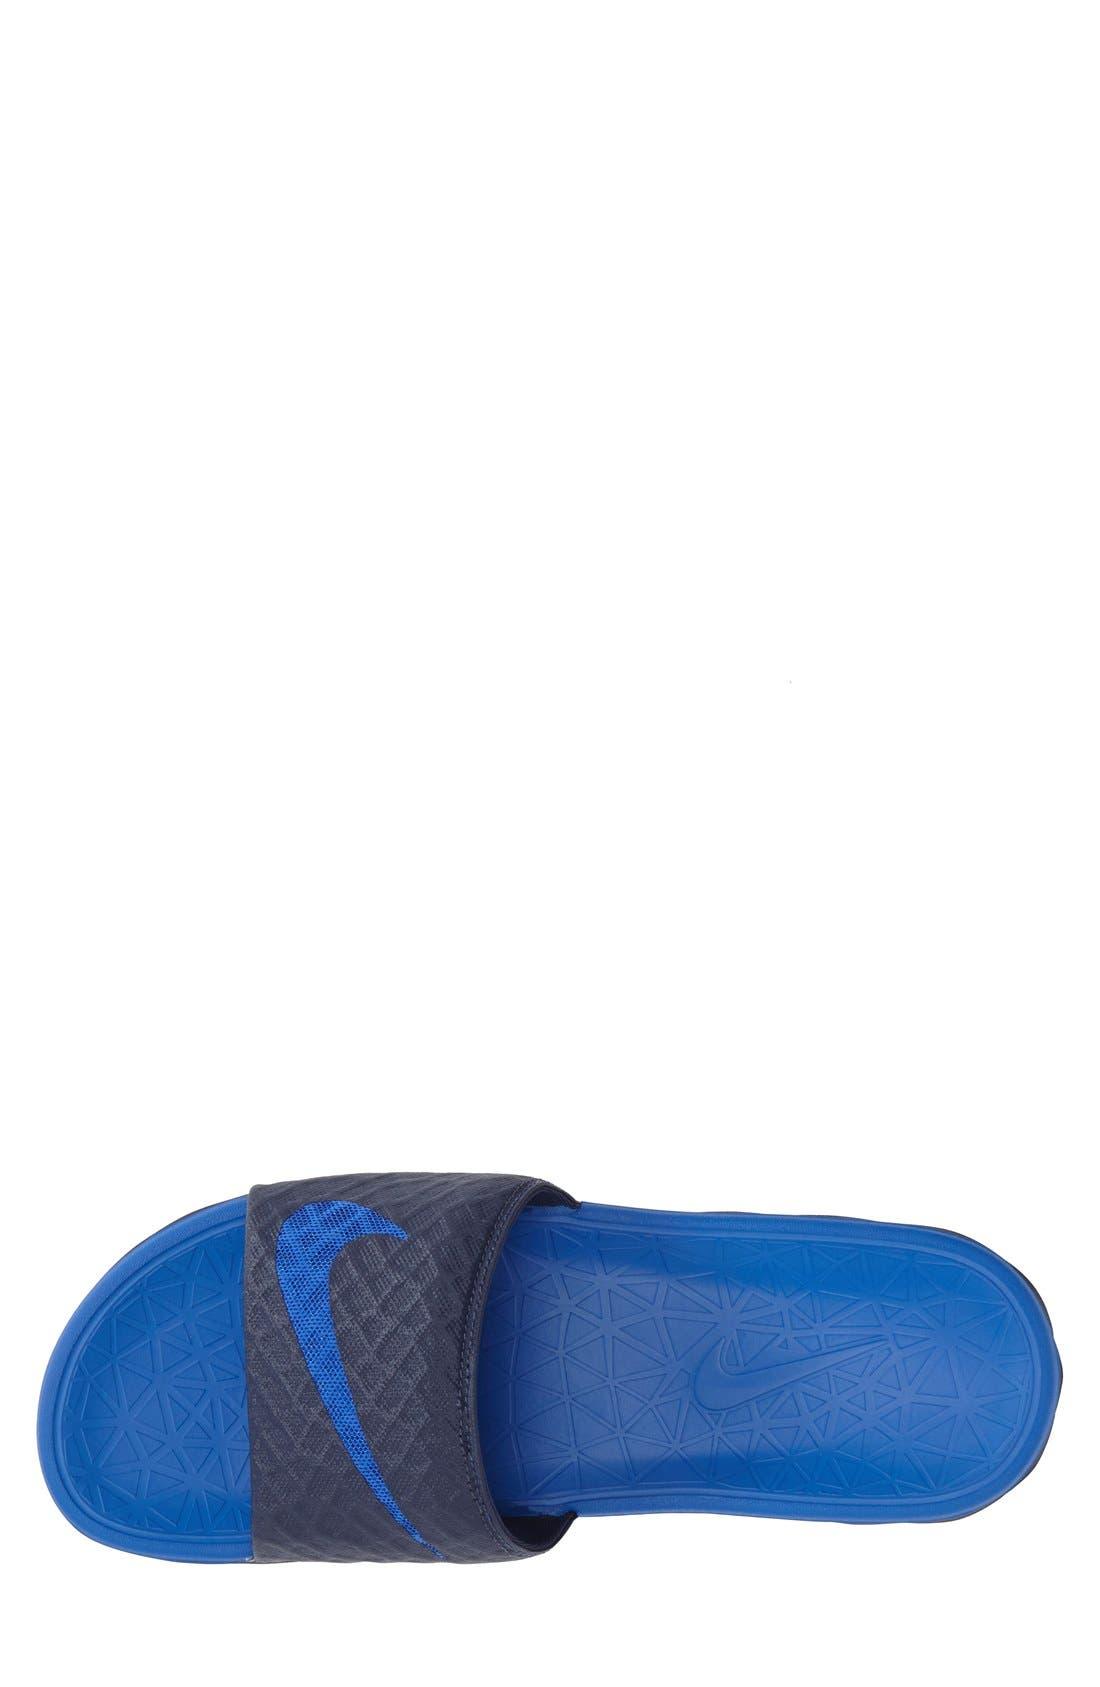 Alternate Image 3  - Nike 'Benassi Solarsoft 2' Slide Sandal (Men)